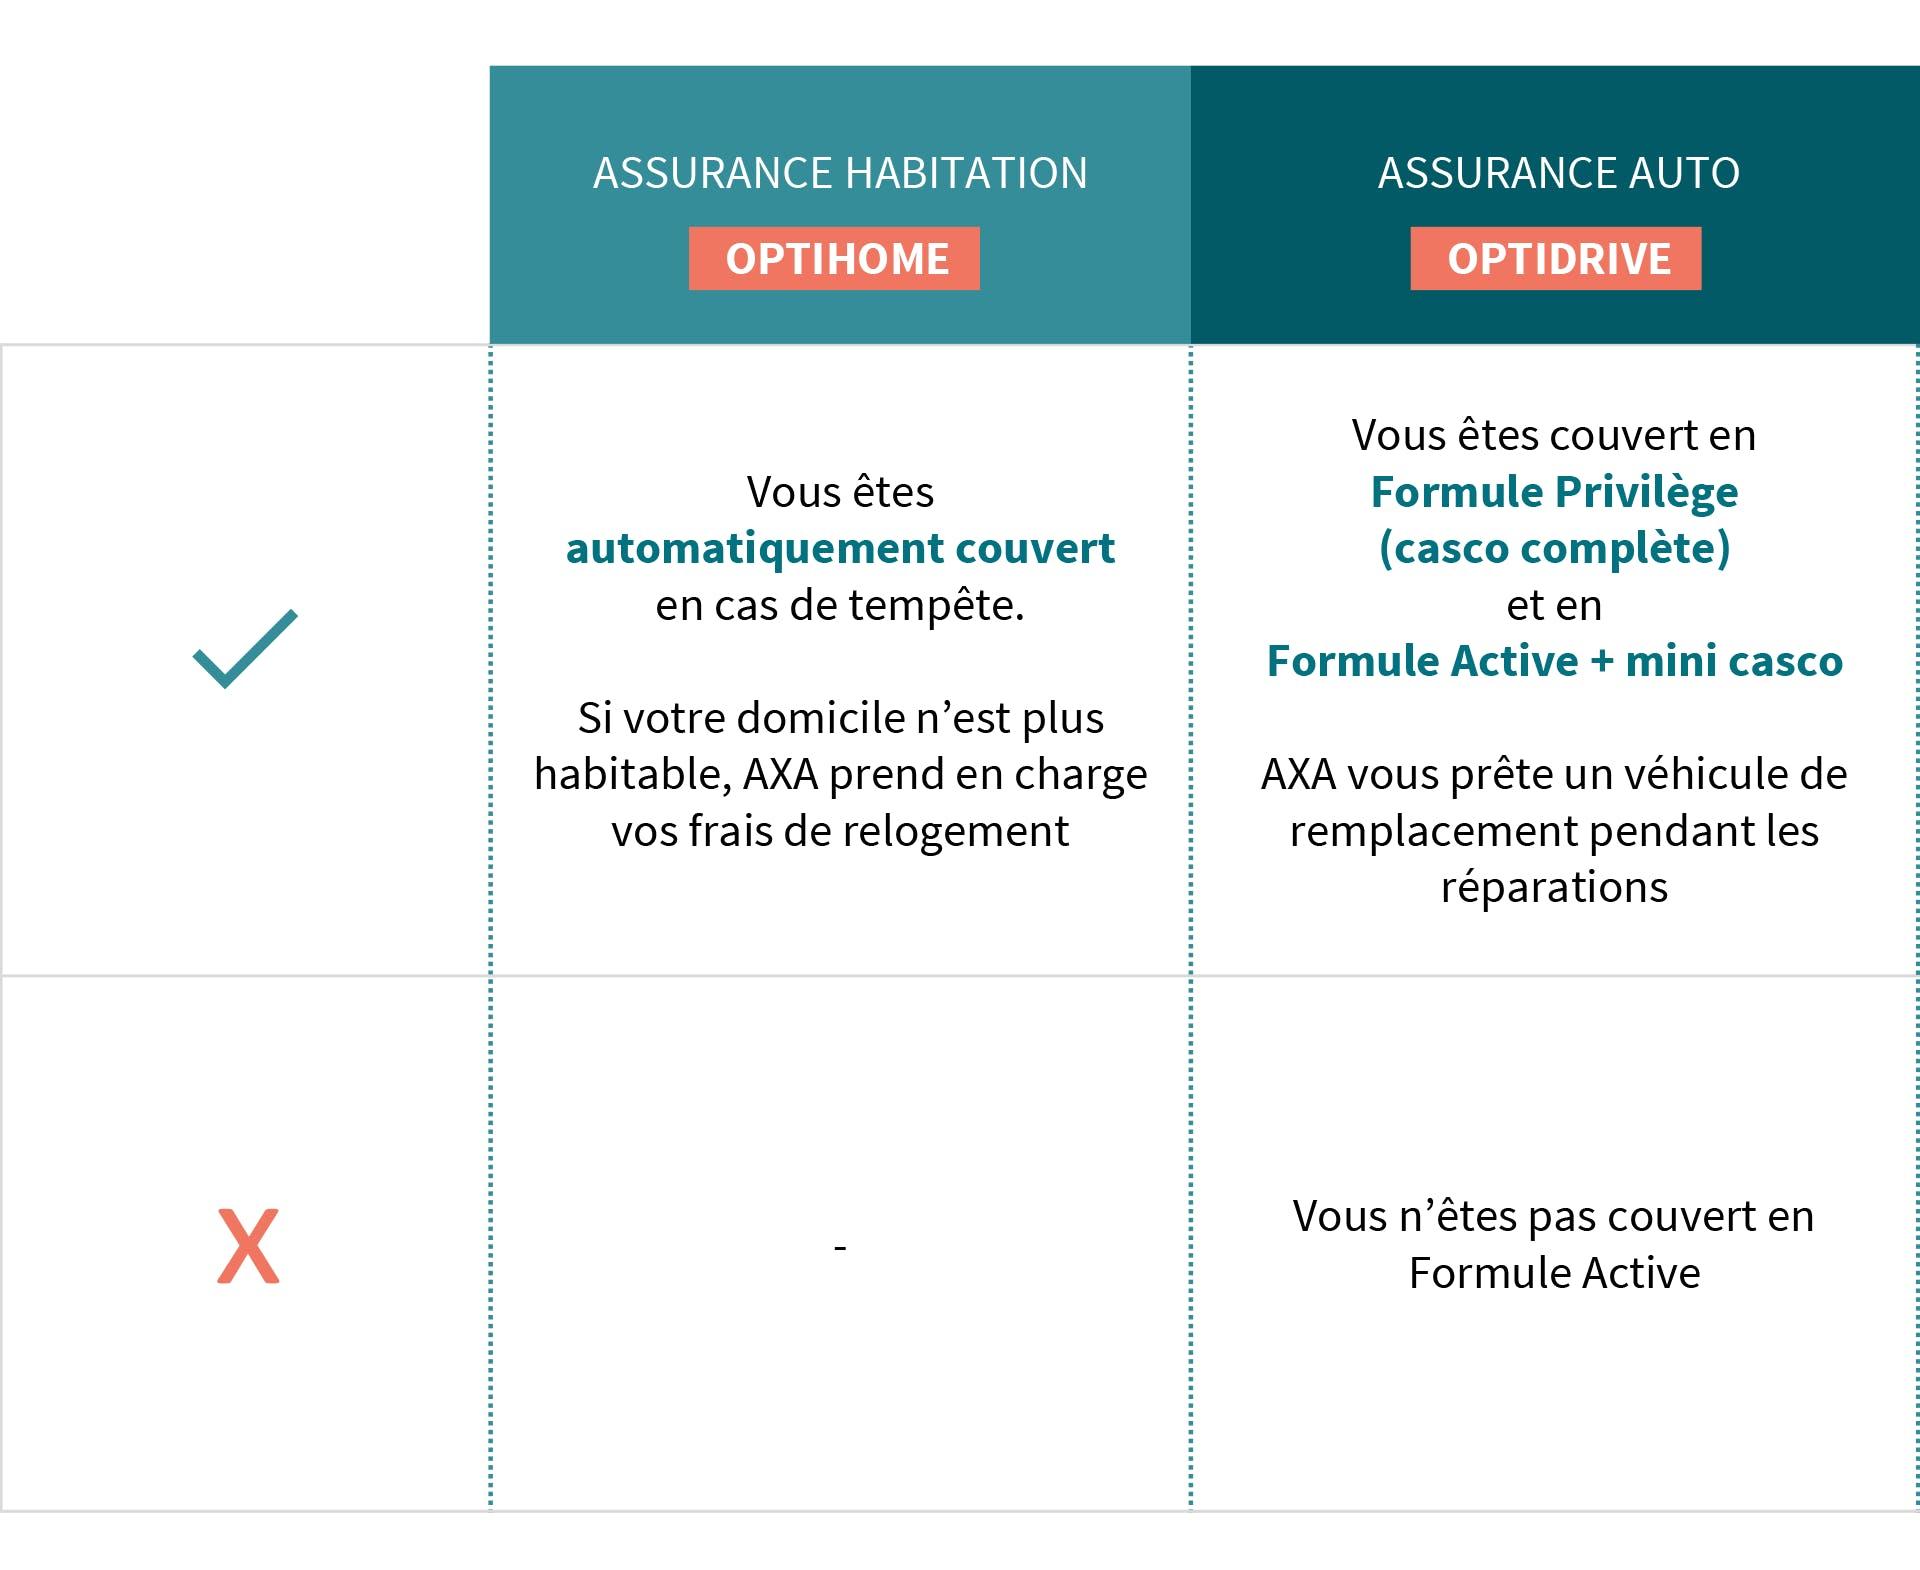 AXA Luxembourg : savoir si je suis couvert en cas de tempête